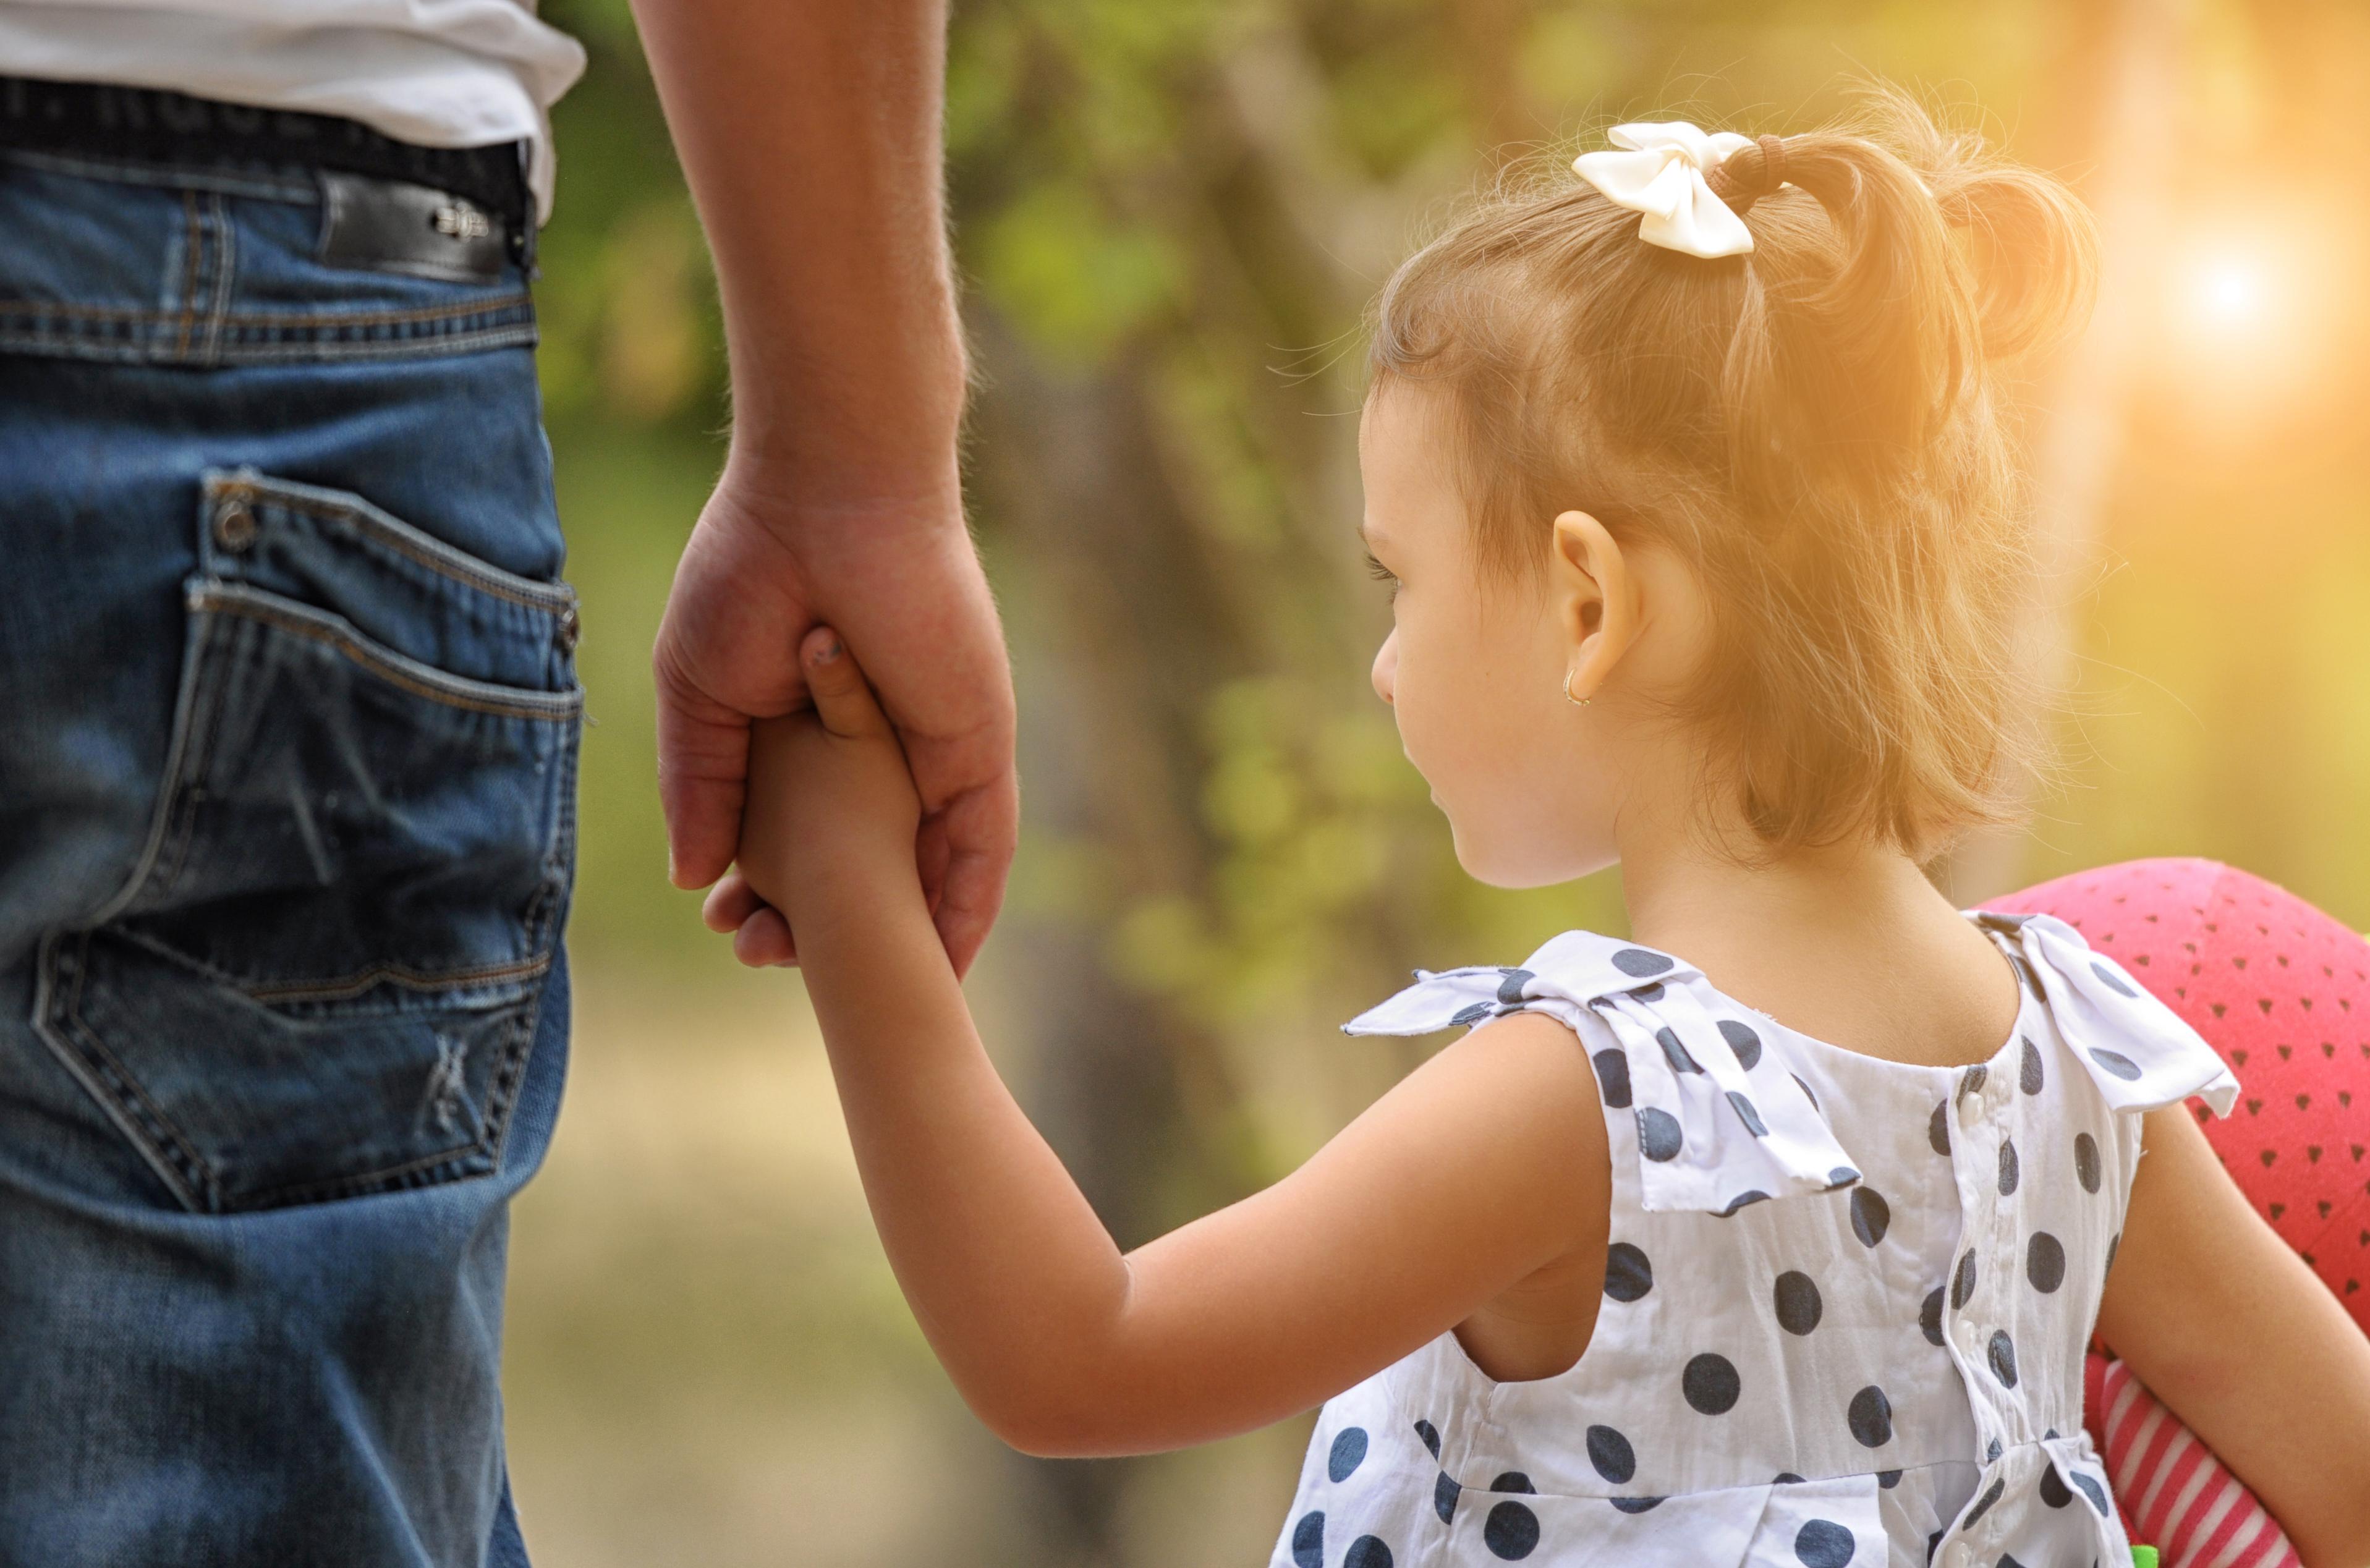 Padre llevando a su hija adoptada de la mano